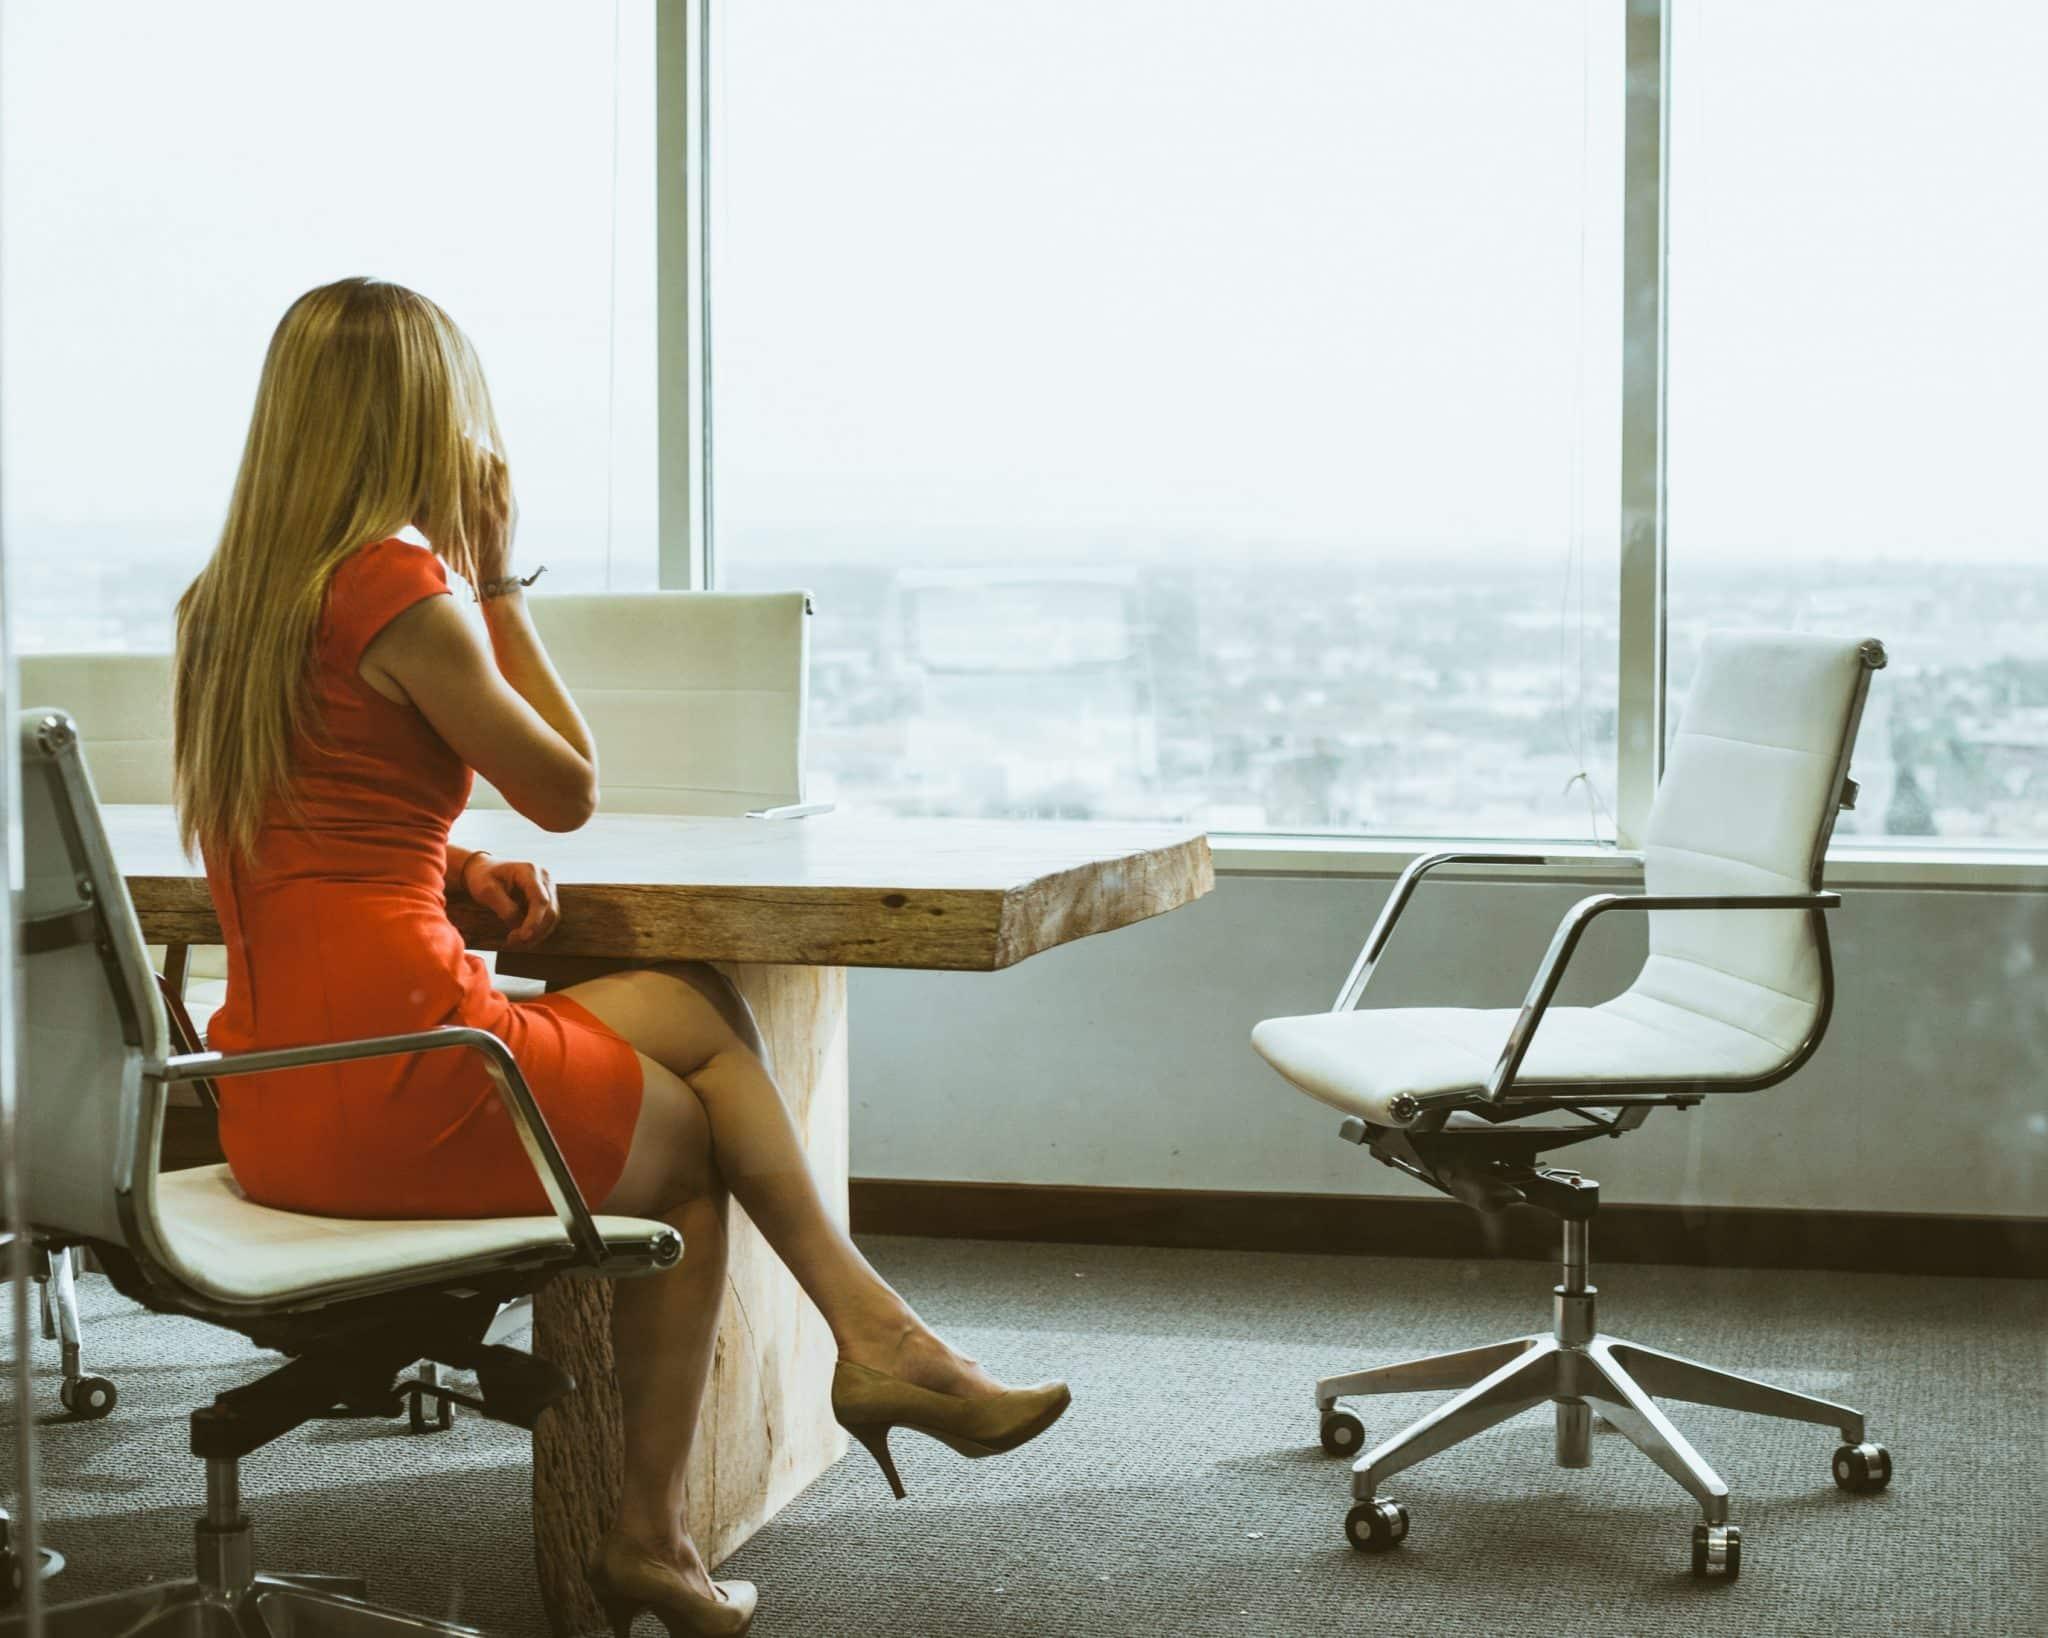 Comment les talons aiguilles nous renseignent sur les styles de management